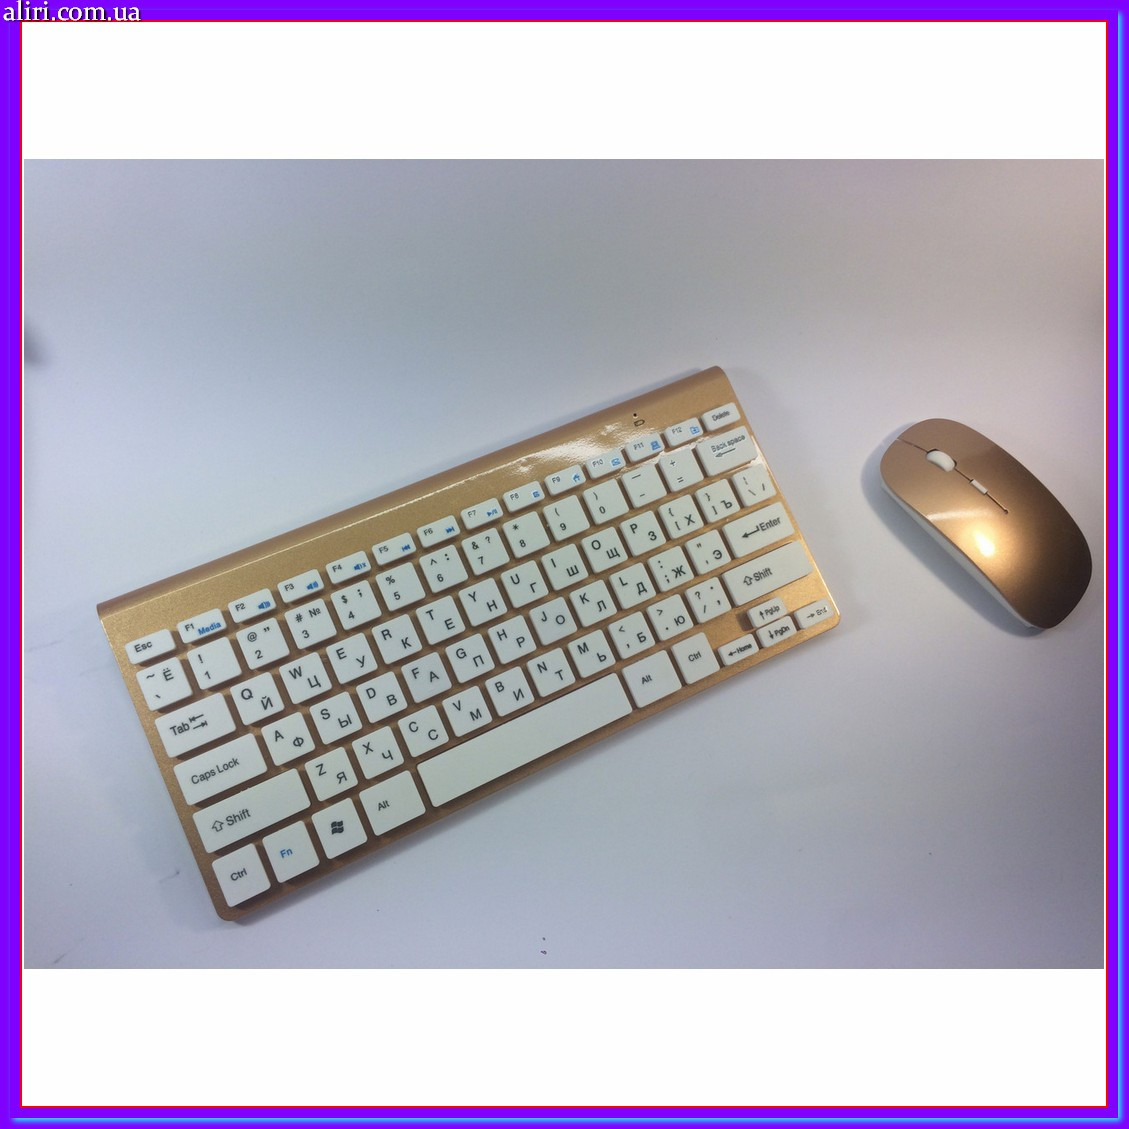 Беспроводная русская клавиатура mini и мышь keyboard 908